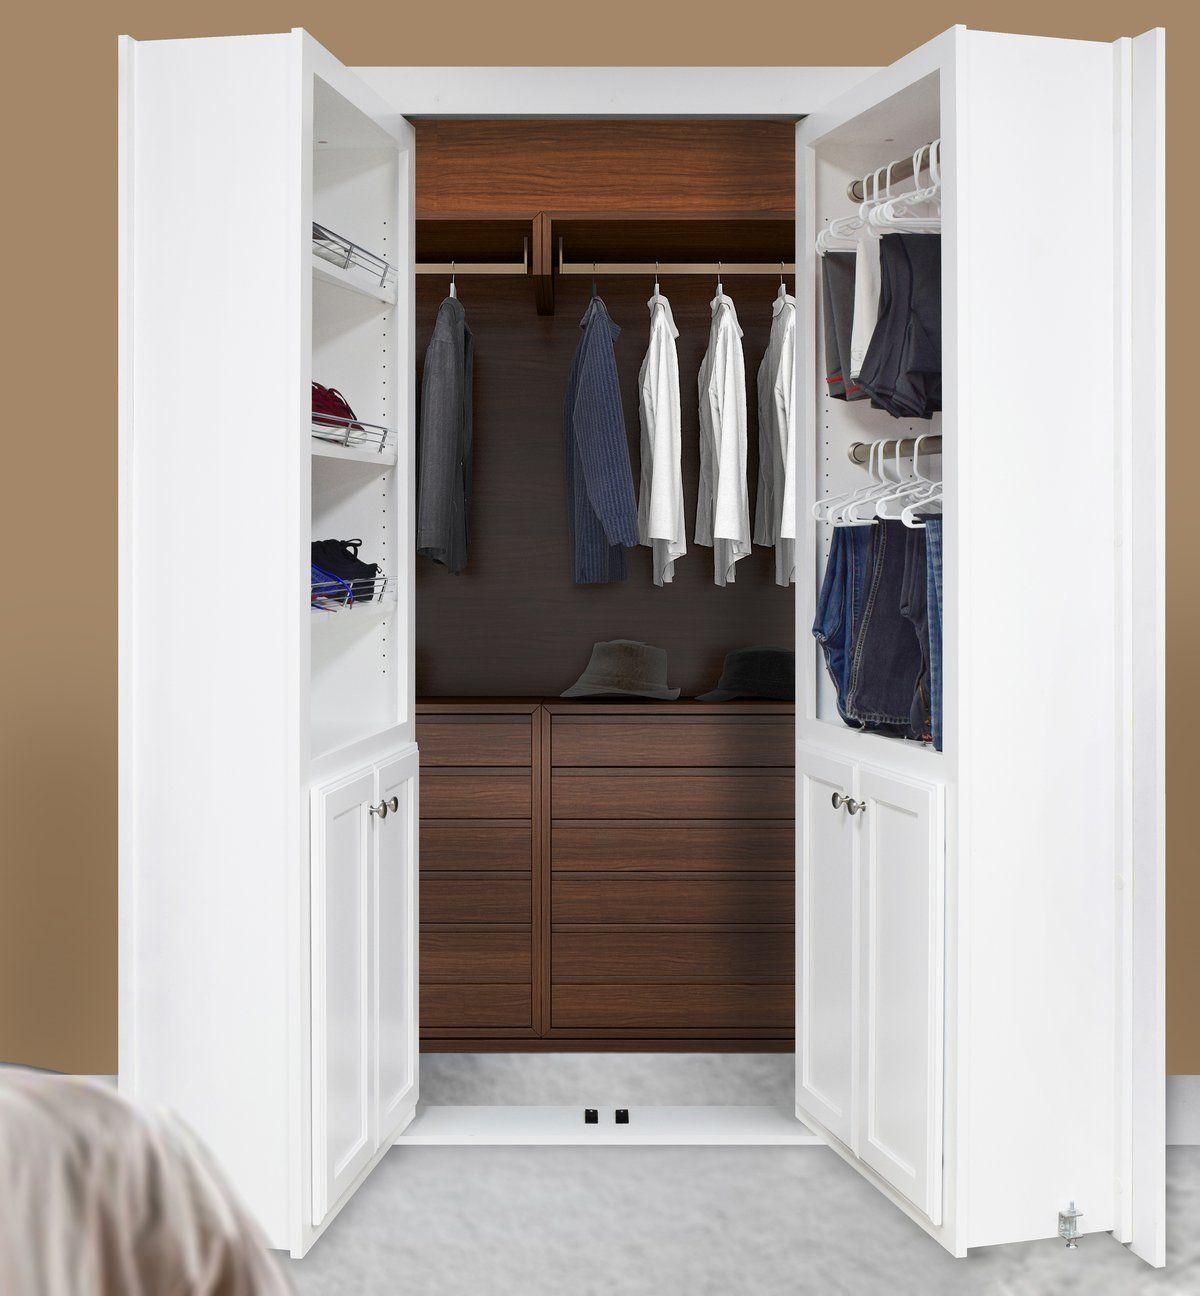 French Style Closet Door (Reversed) Closet doors, Murphy